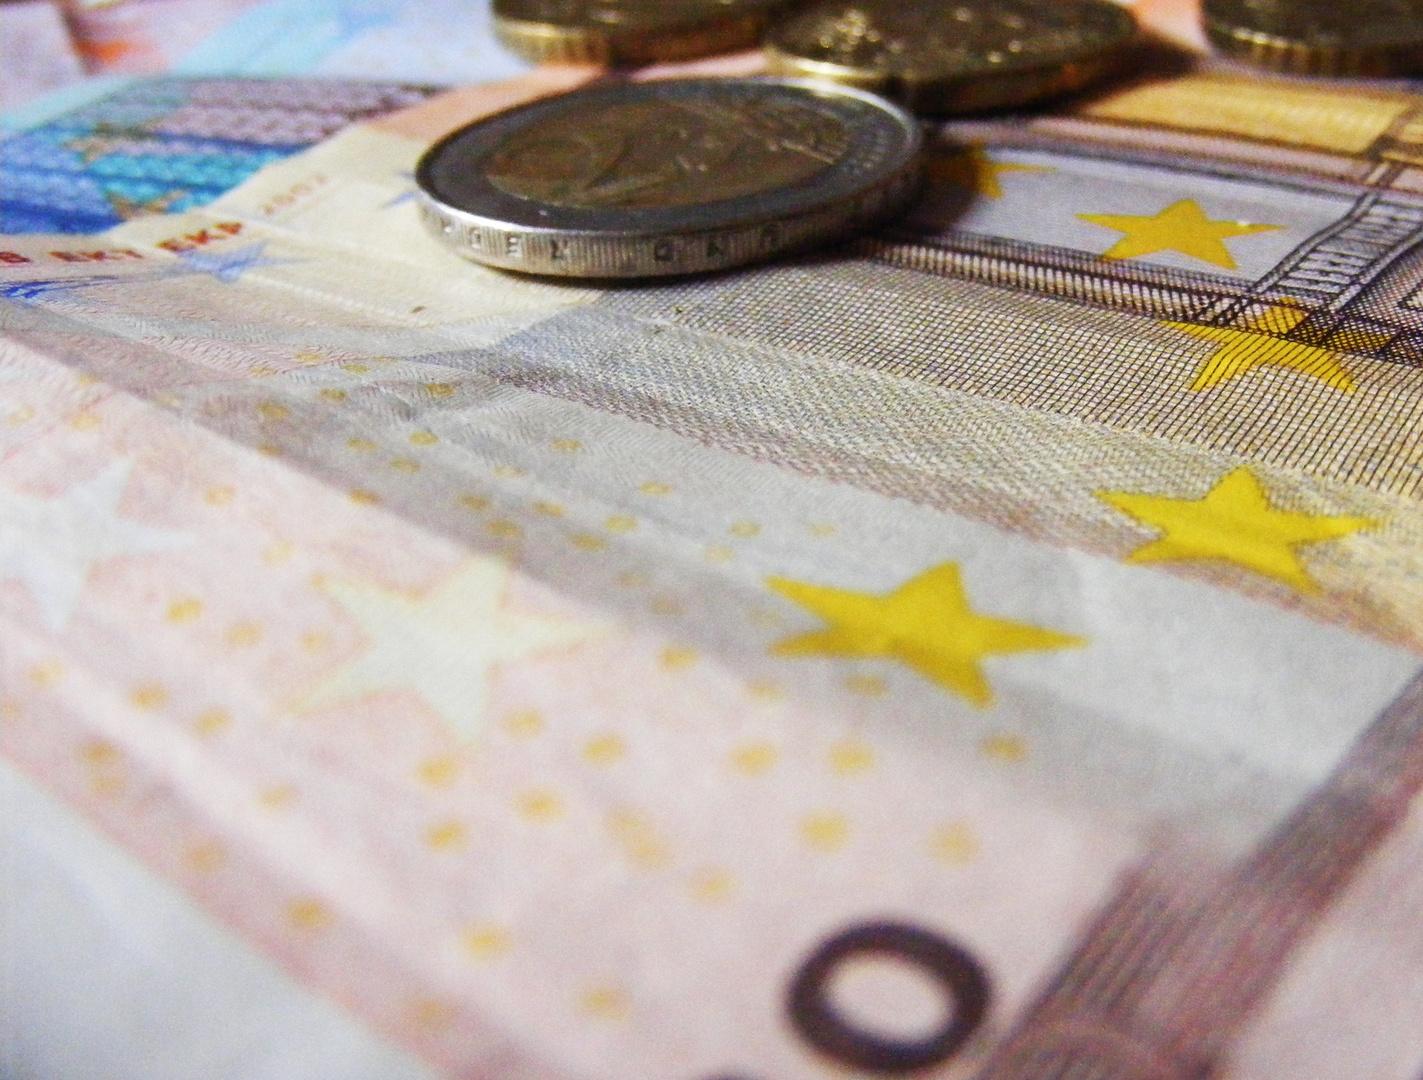 Geld(prächtige Stimmung)